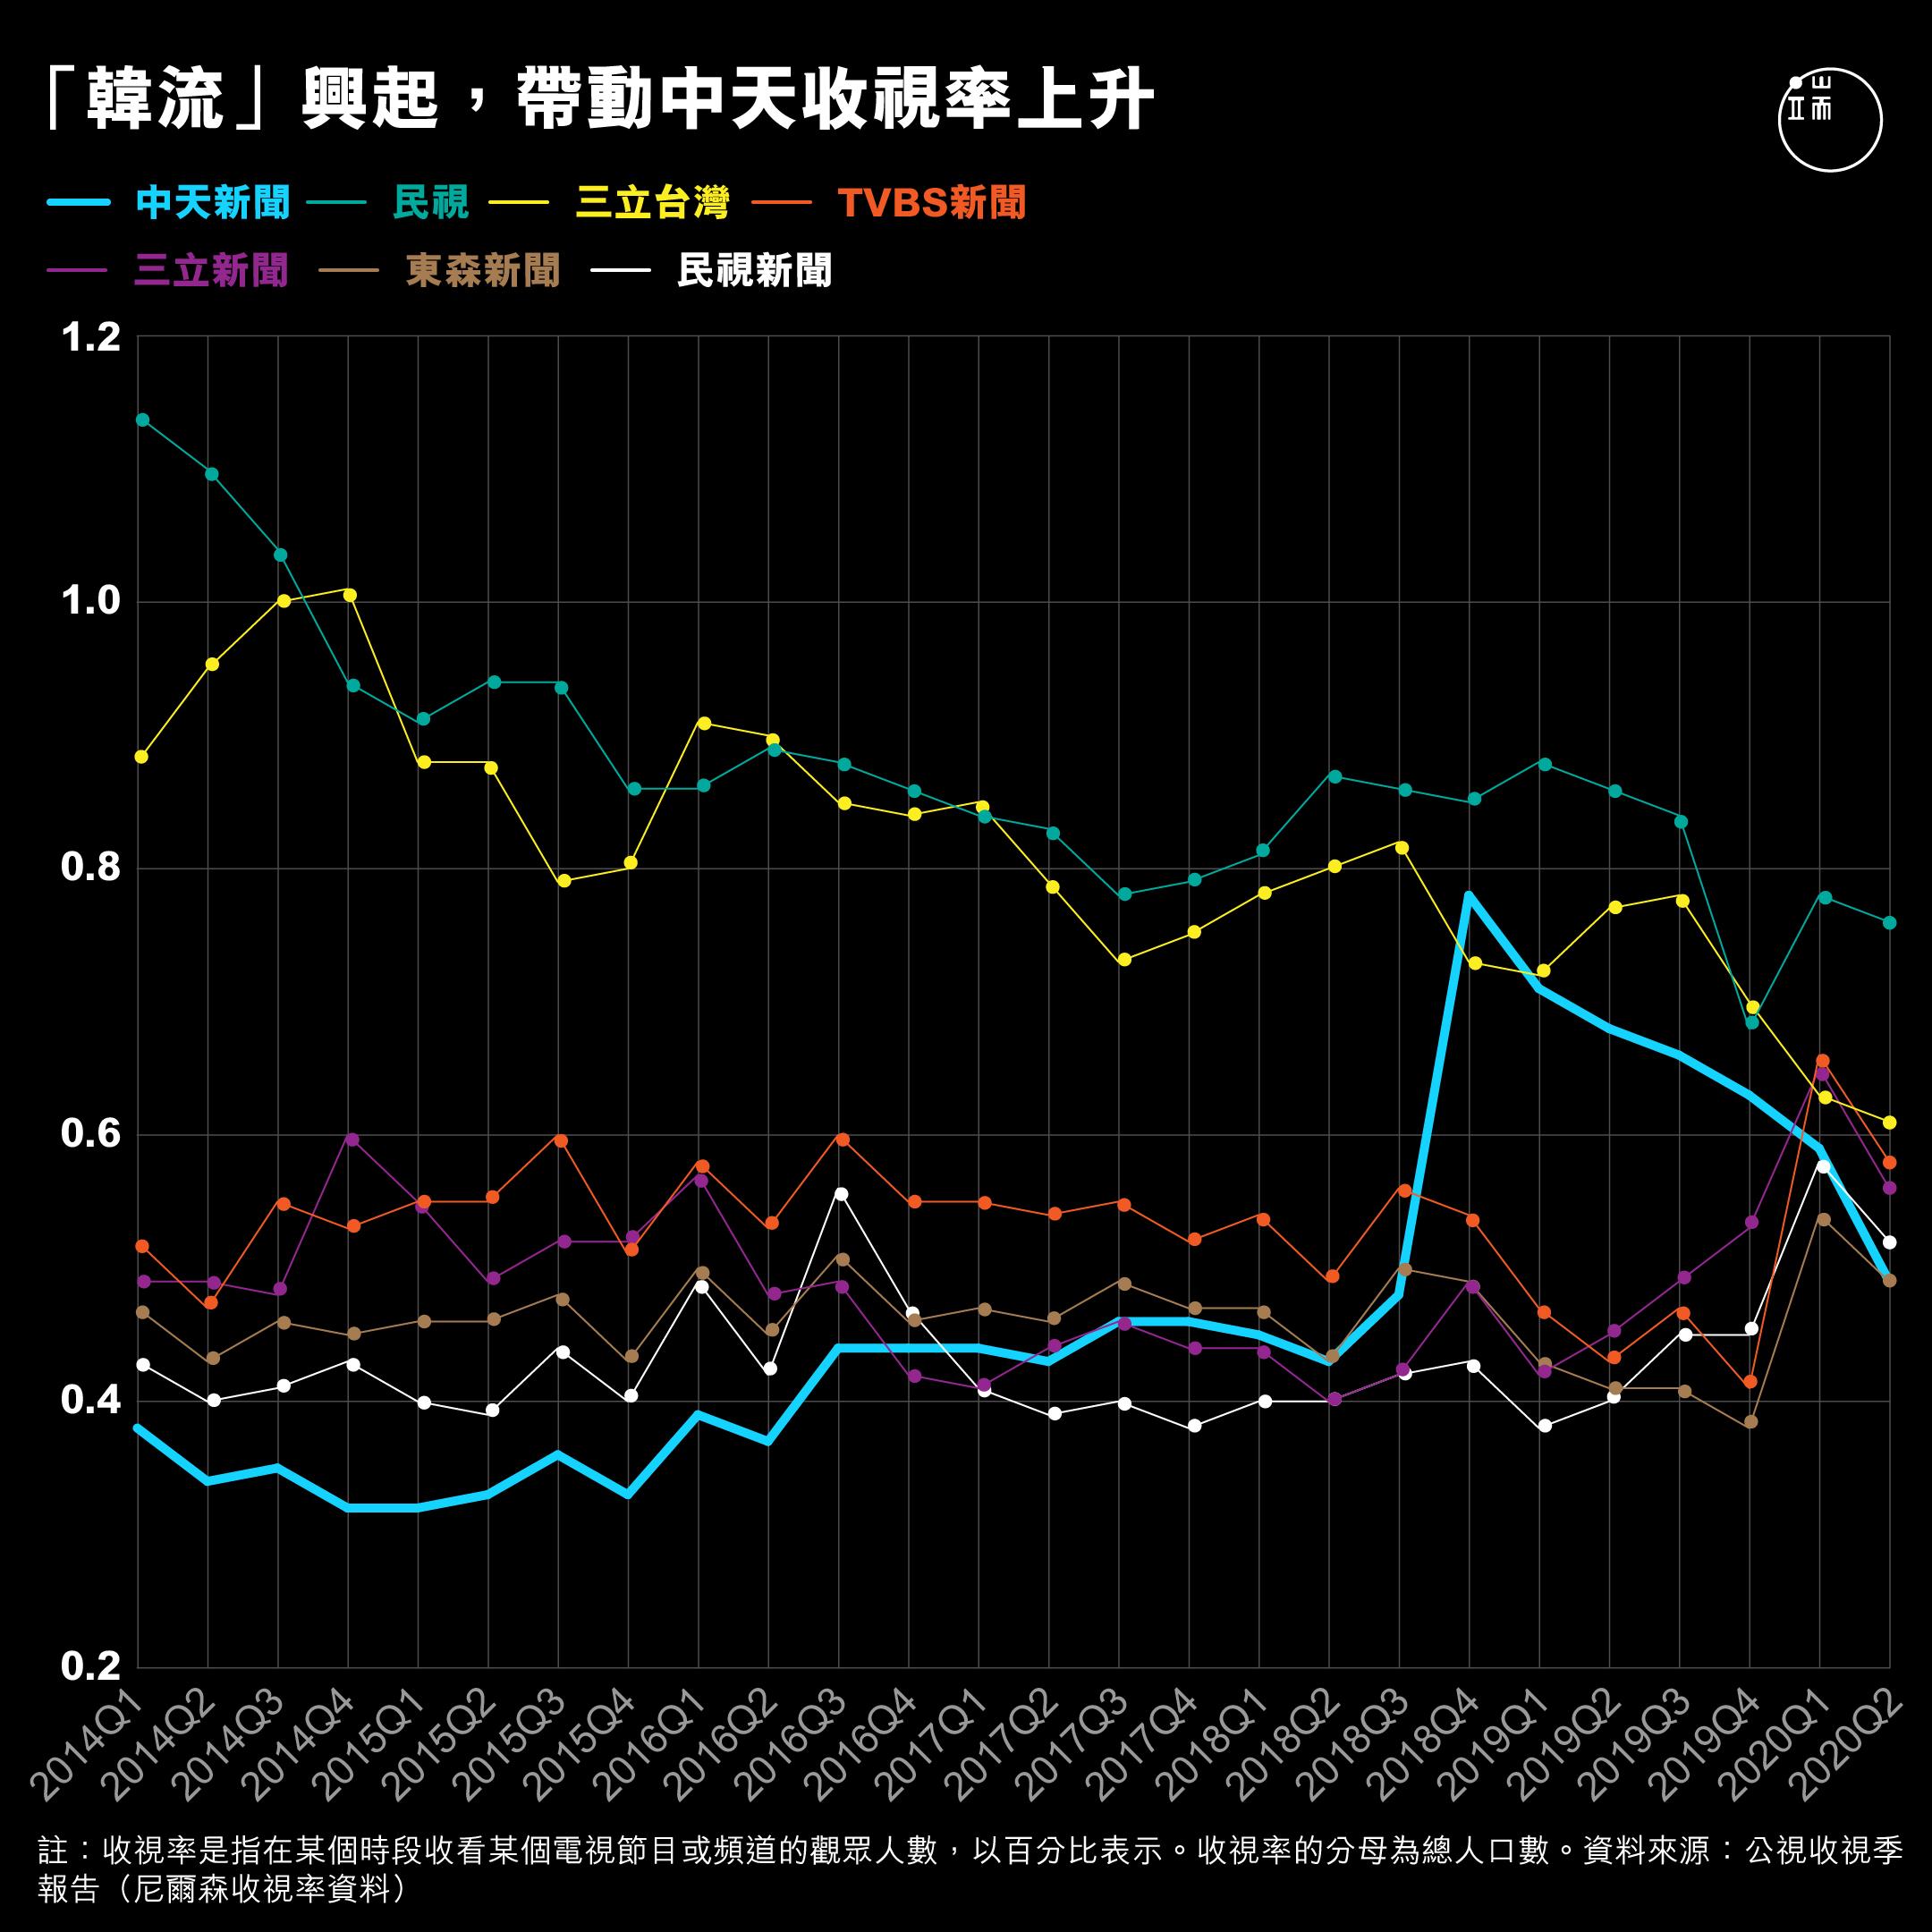 「韓流」興起,帶動中天收視率上升。